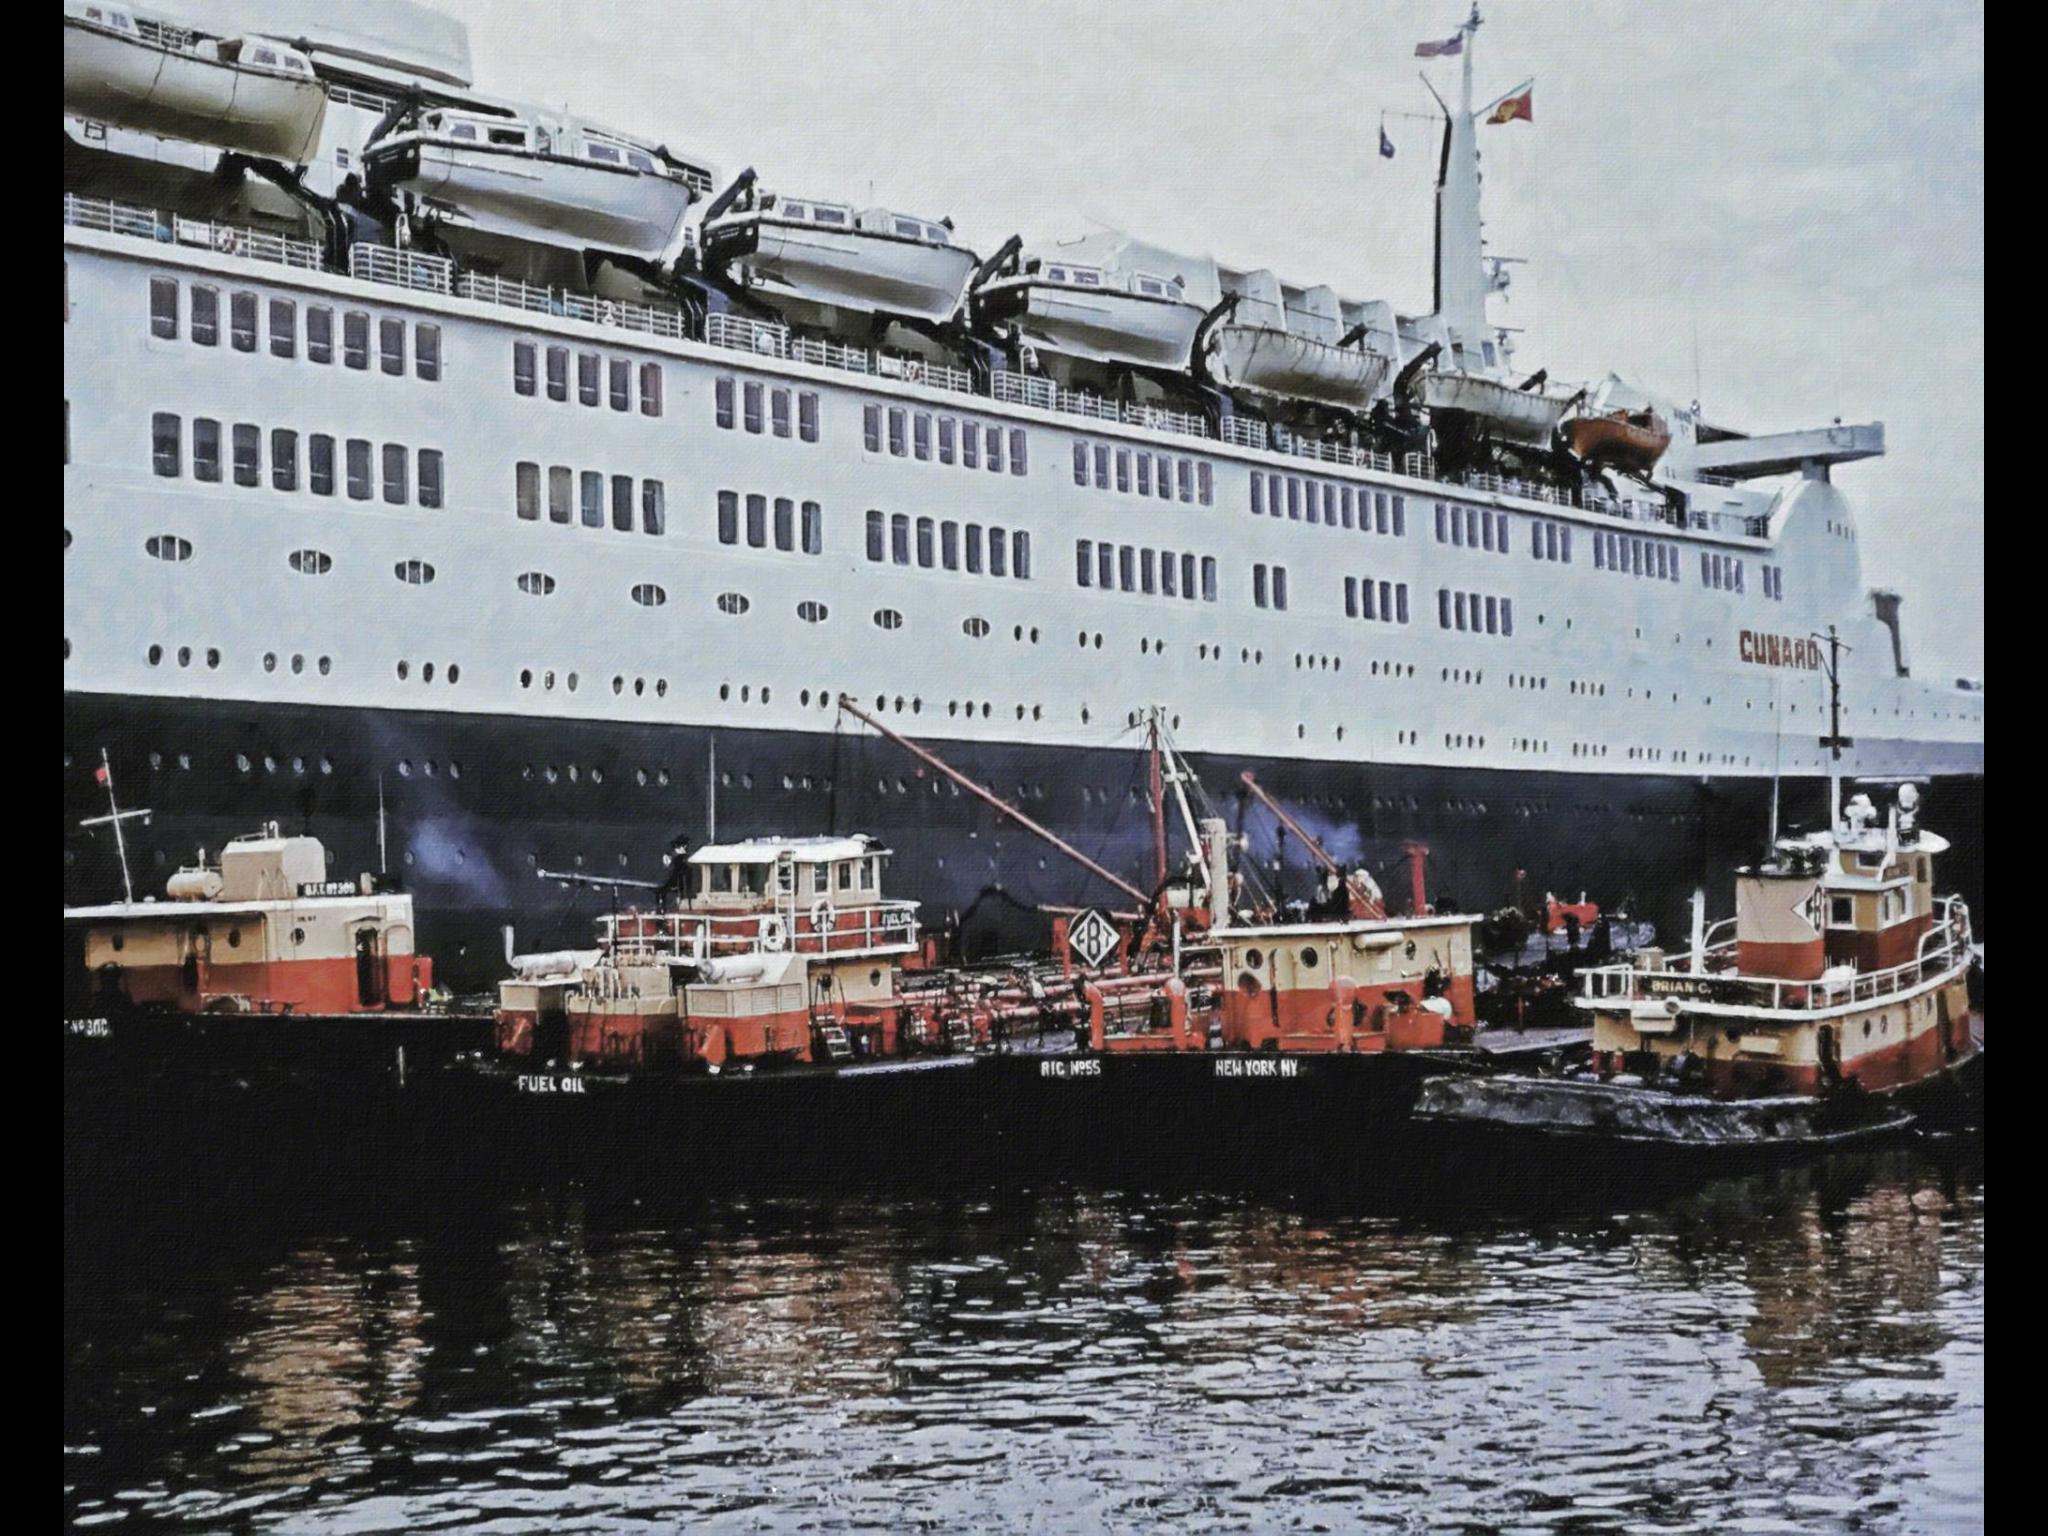 Pin By Craig W On Cunard Qe2 Cunard Cunard Line Rms Queen Elizabeth